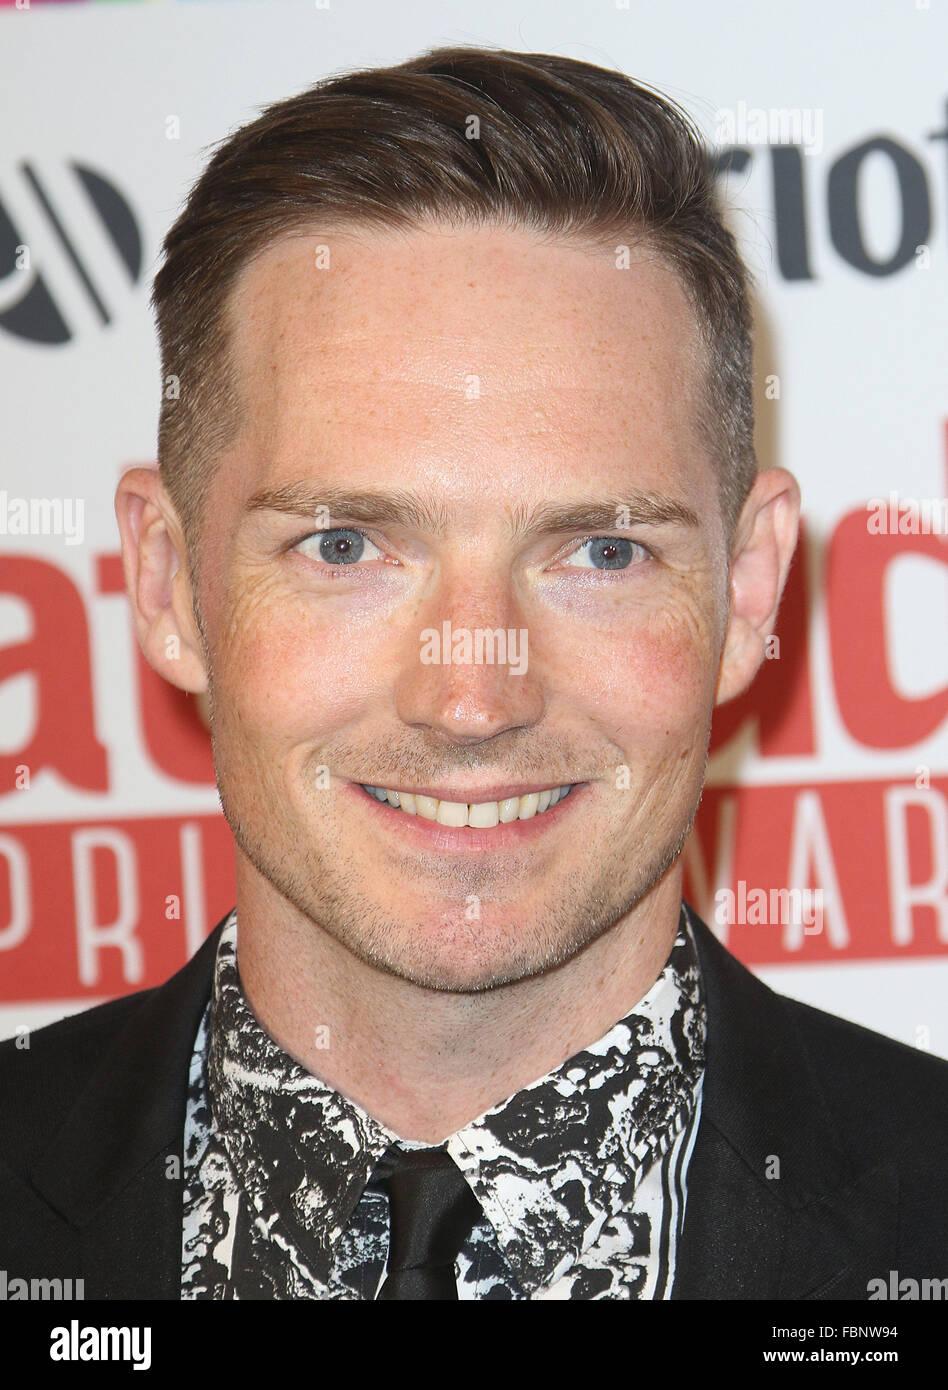 Jun 26, 2015 - London, England, UK - Dan Gillespie Sells attending Inaugural Attitude Pride Awards, honouring members - Stock Image